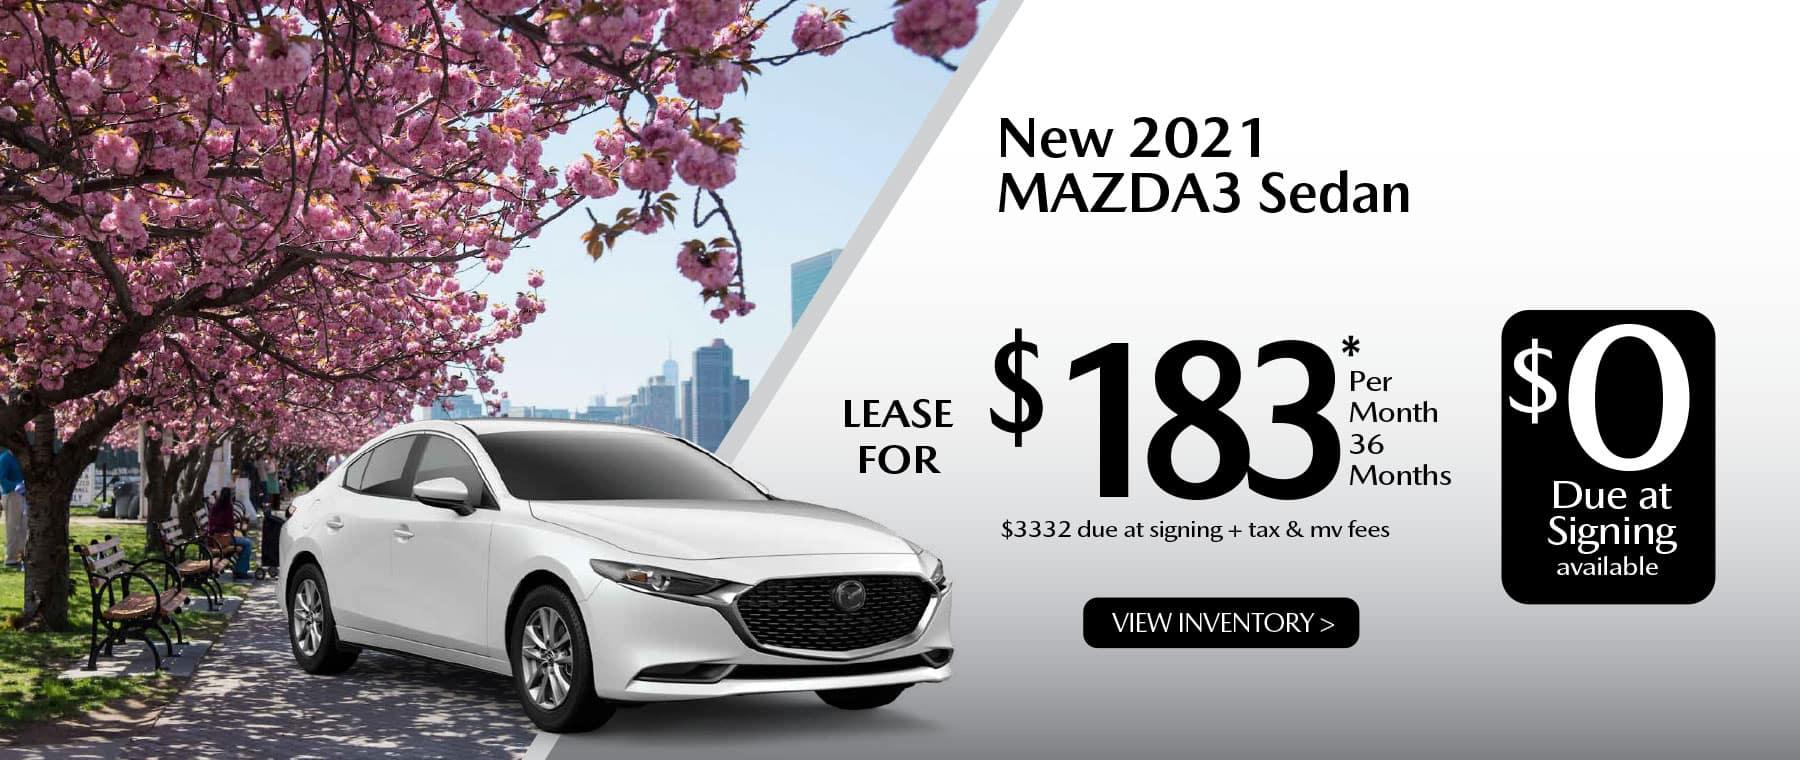 04 MAZDA3 hi New Lease Special Offer Garden City Mazda NY